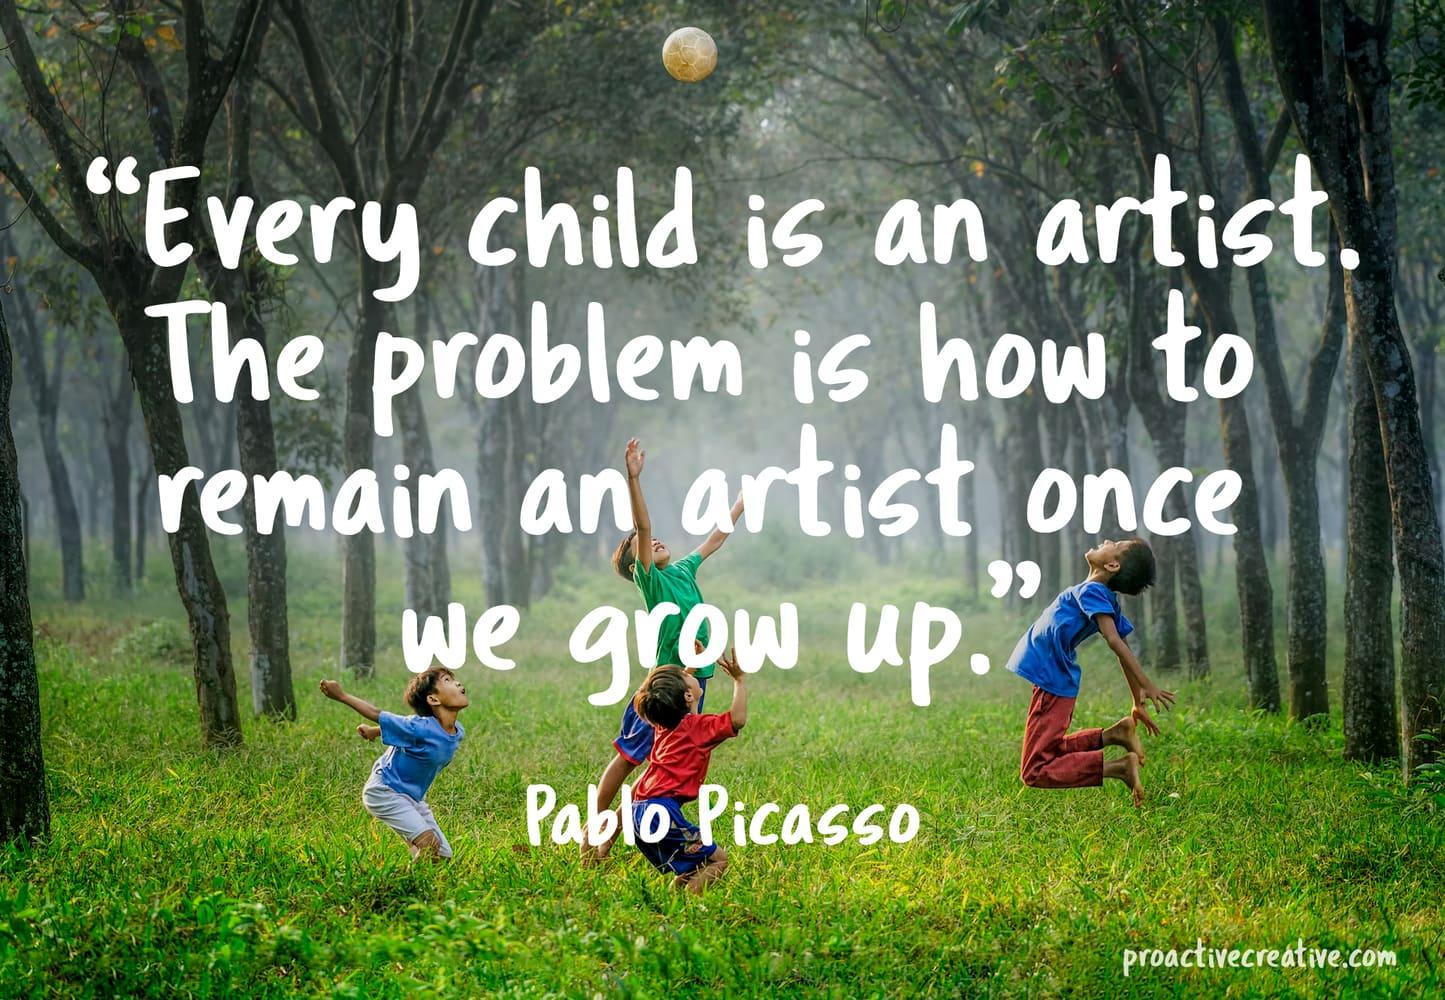 Art quotes - Pablo Picasso